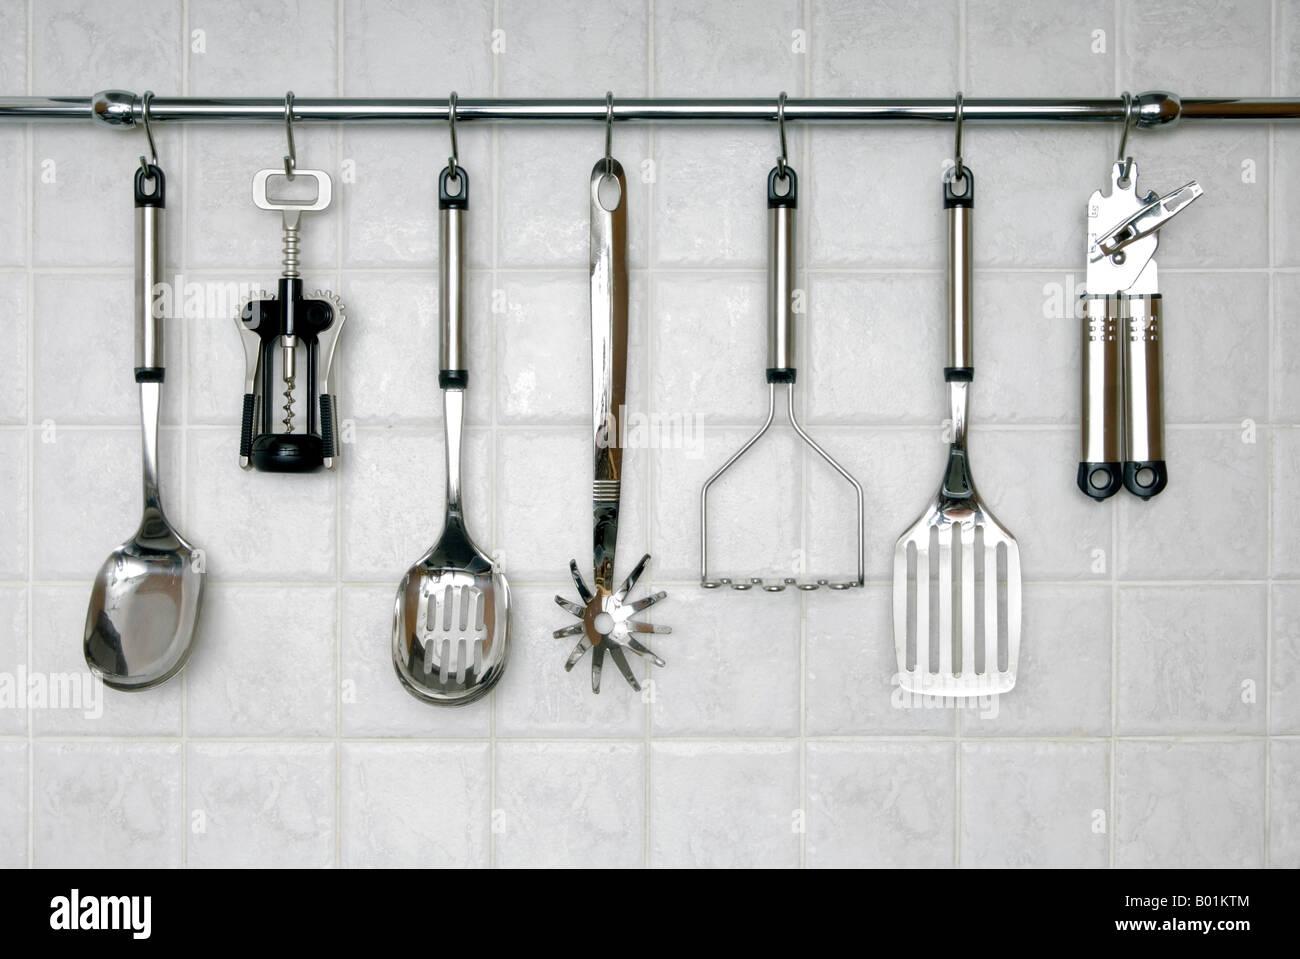 Edelstahl Küchengeräte hängen auf einem Gestell gegen weiße Fliesen ...